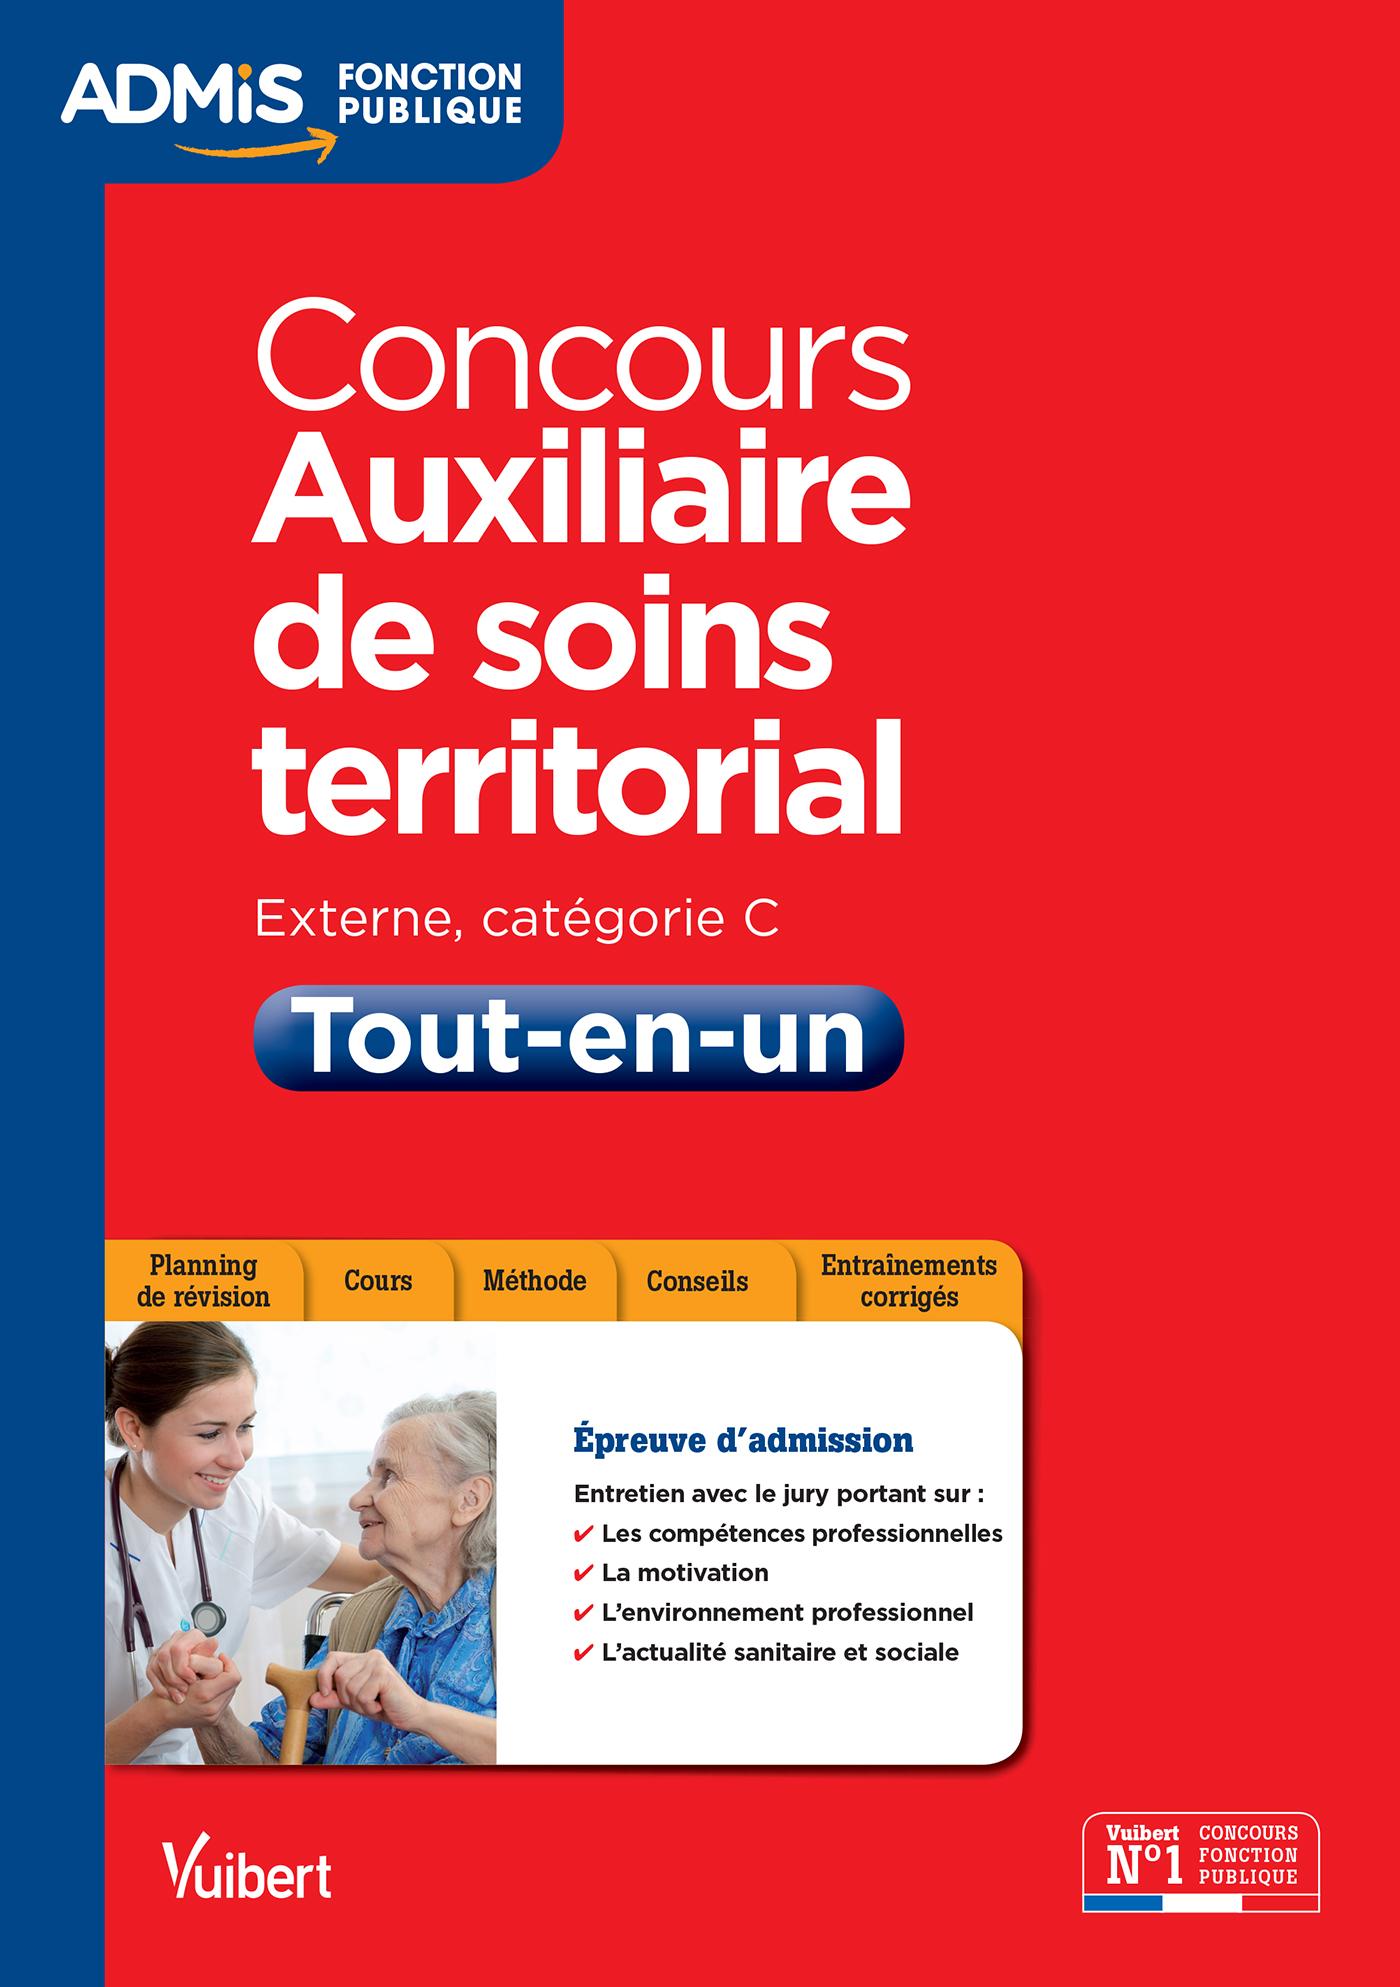 feadd4064ed Concours Auxiliaire de soins territorial - Catégorie C - Tout-en-un ...